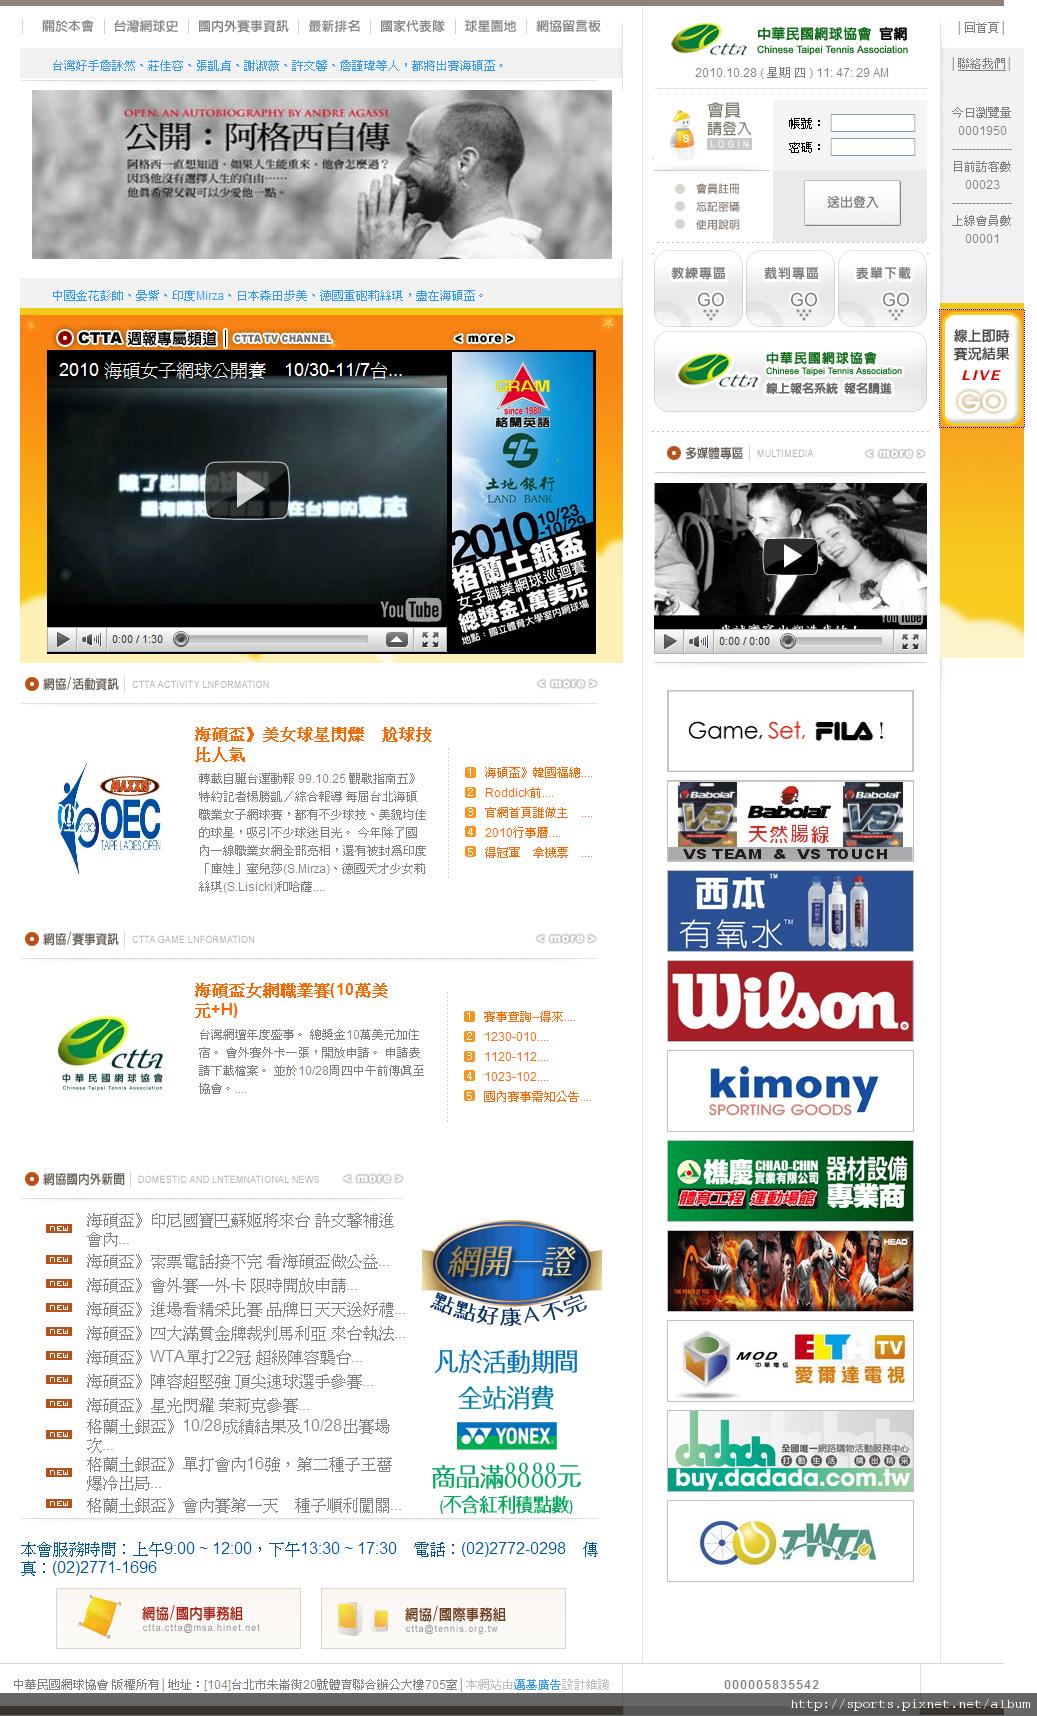 中華民國網球協會 - 官方網站(CTTA)_1288237352466.png